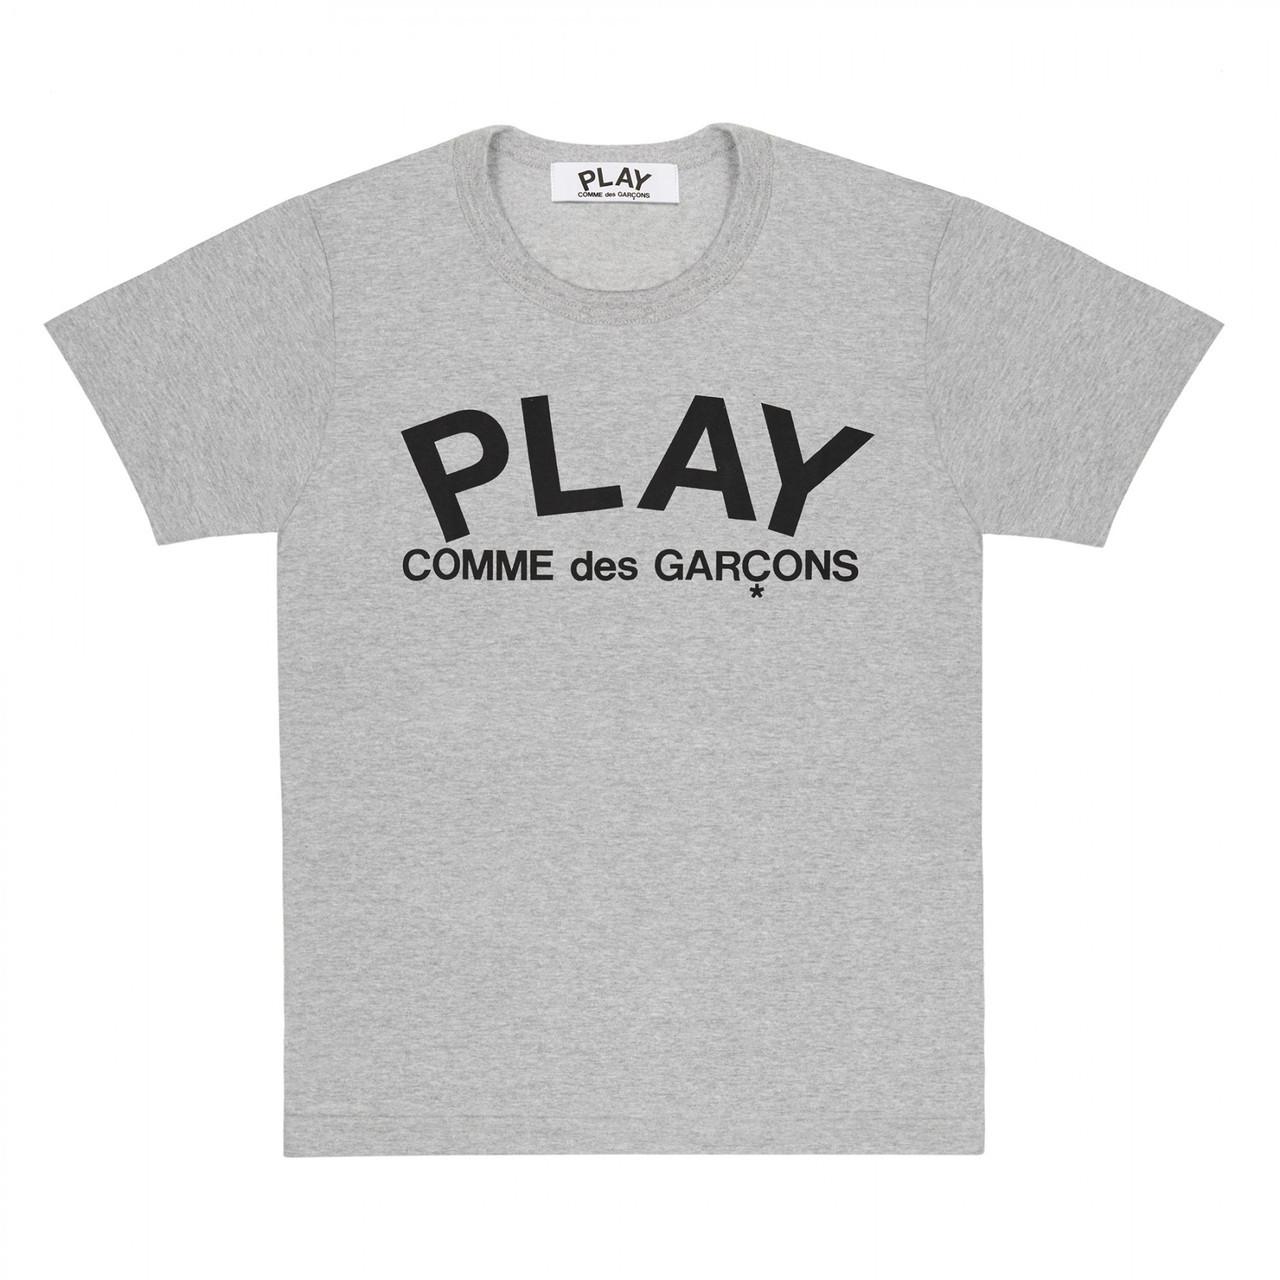 Футболка с принтом Comme des Garcons Play Logo мужская (серая)